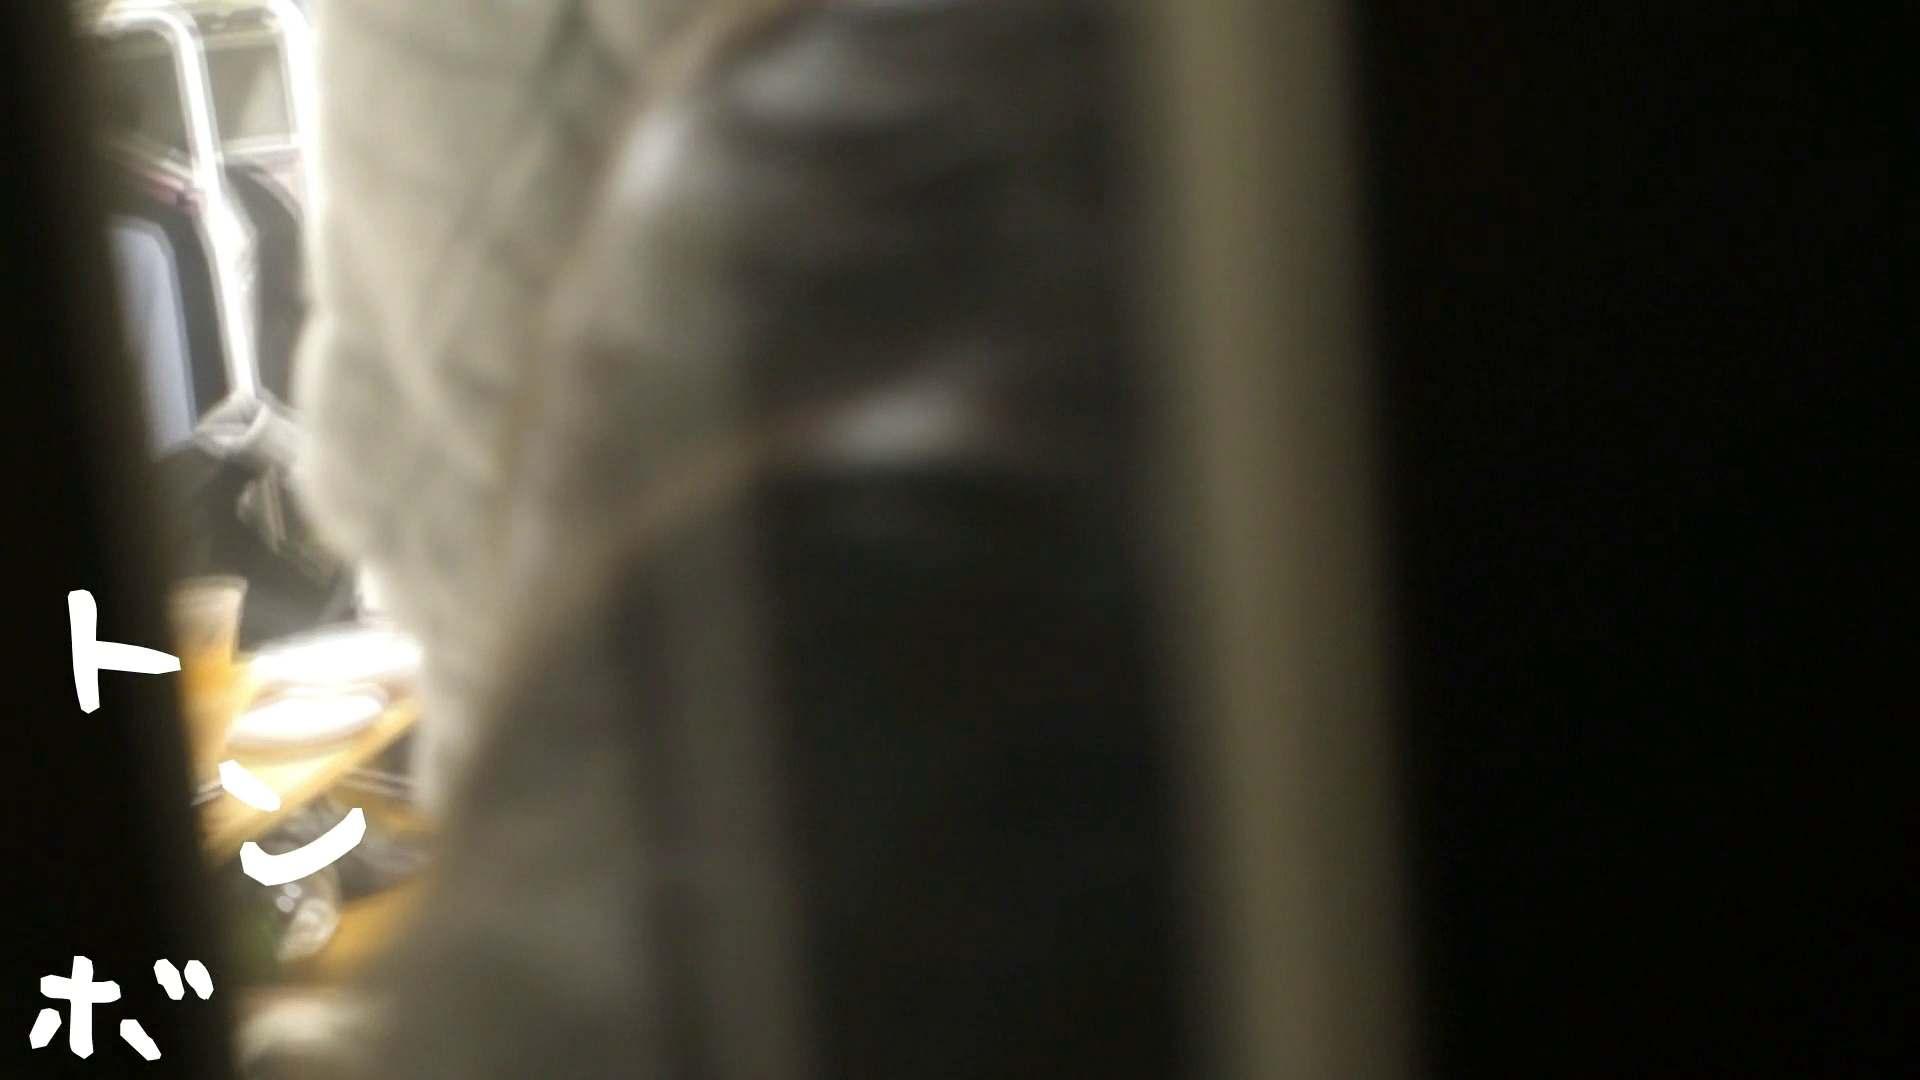 ▲2017_08位▲ 【02位 2016】盗撮美人女子大プライベートSEX プライベート AV無料 105pic 35